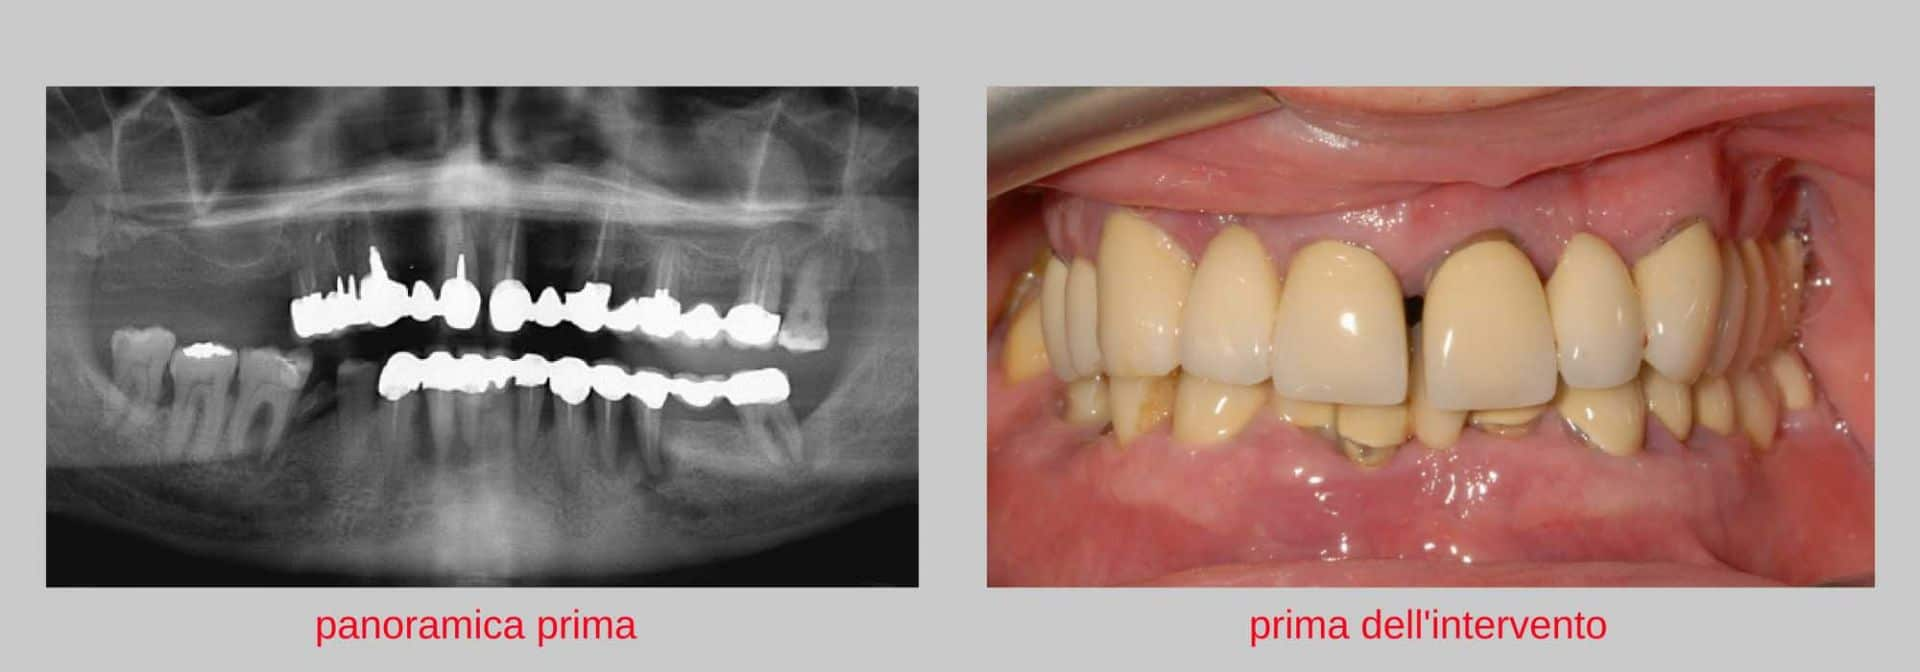 caso clinico implantologia estetica prima